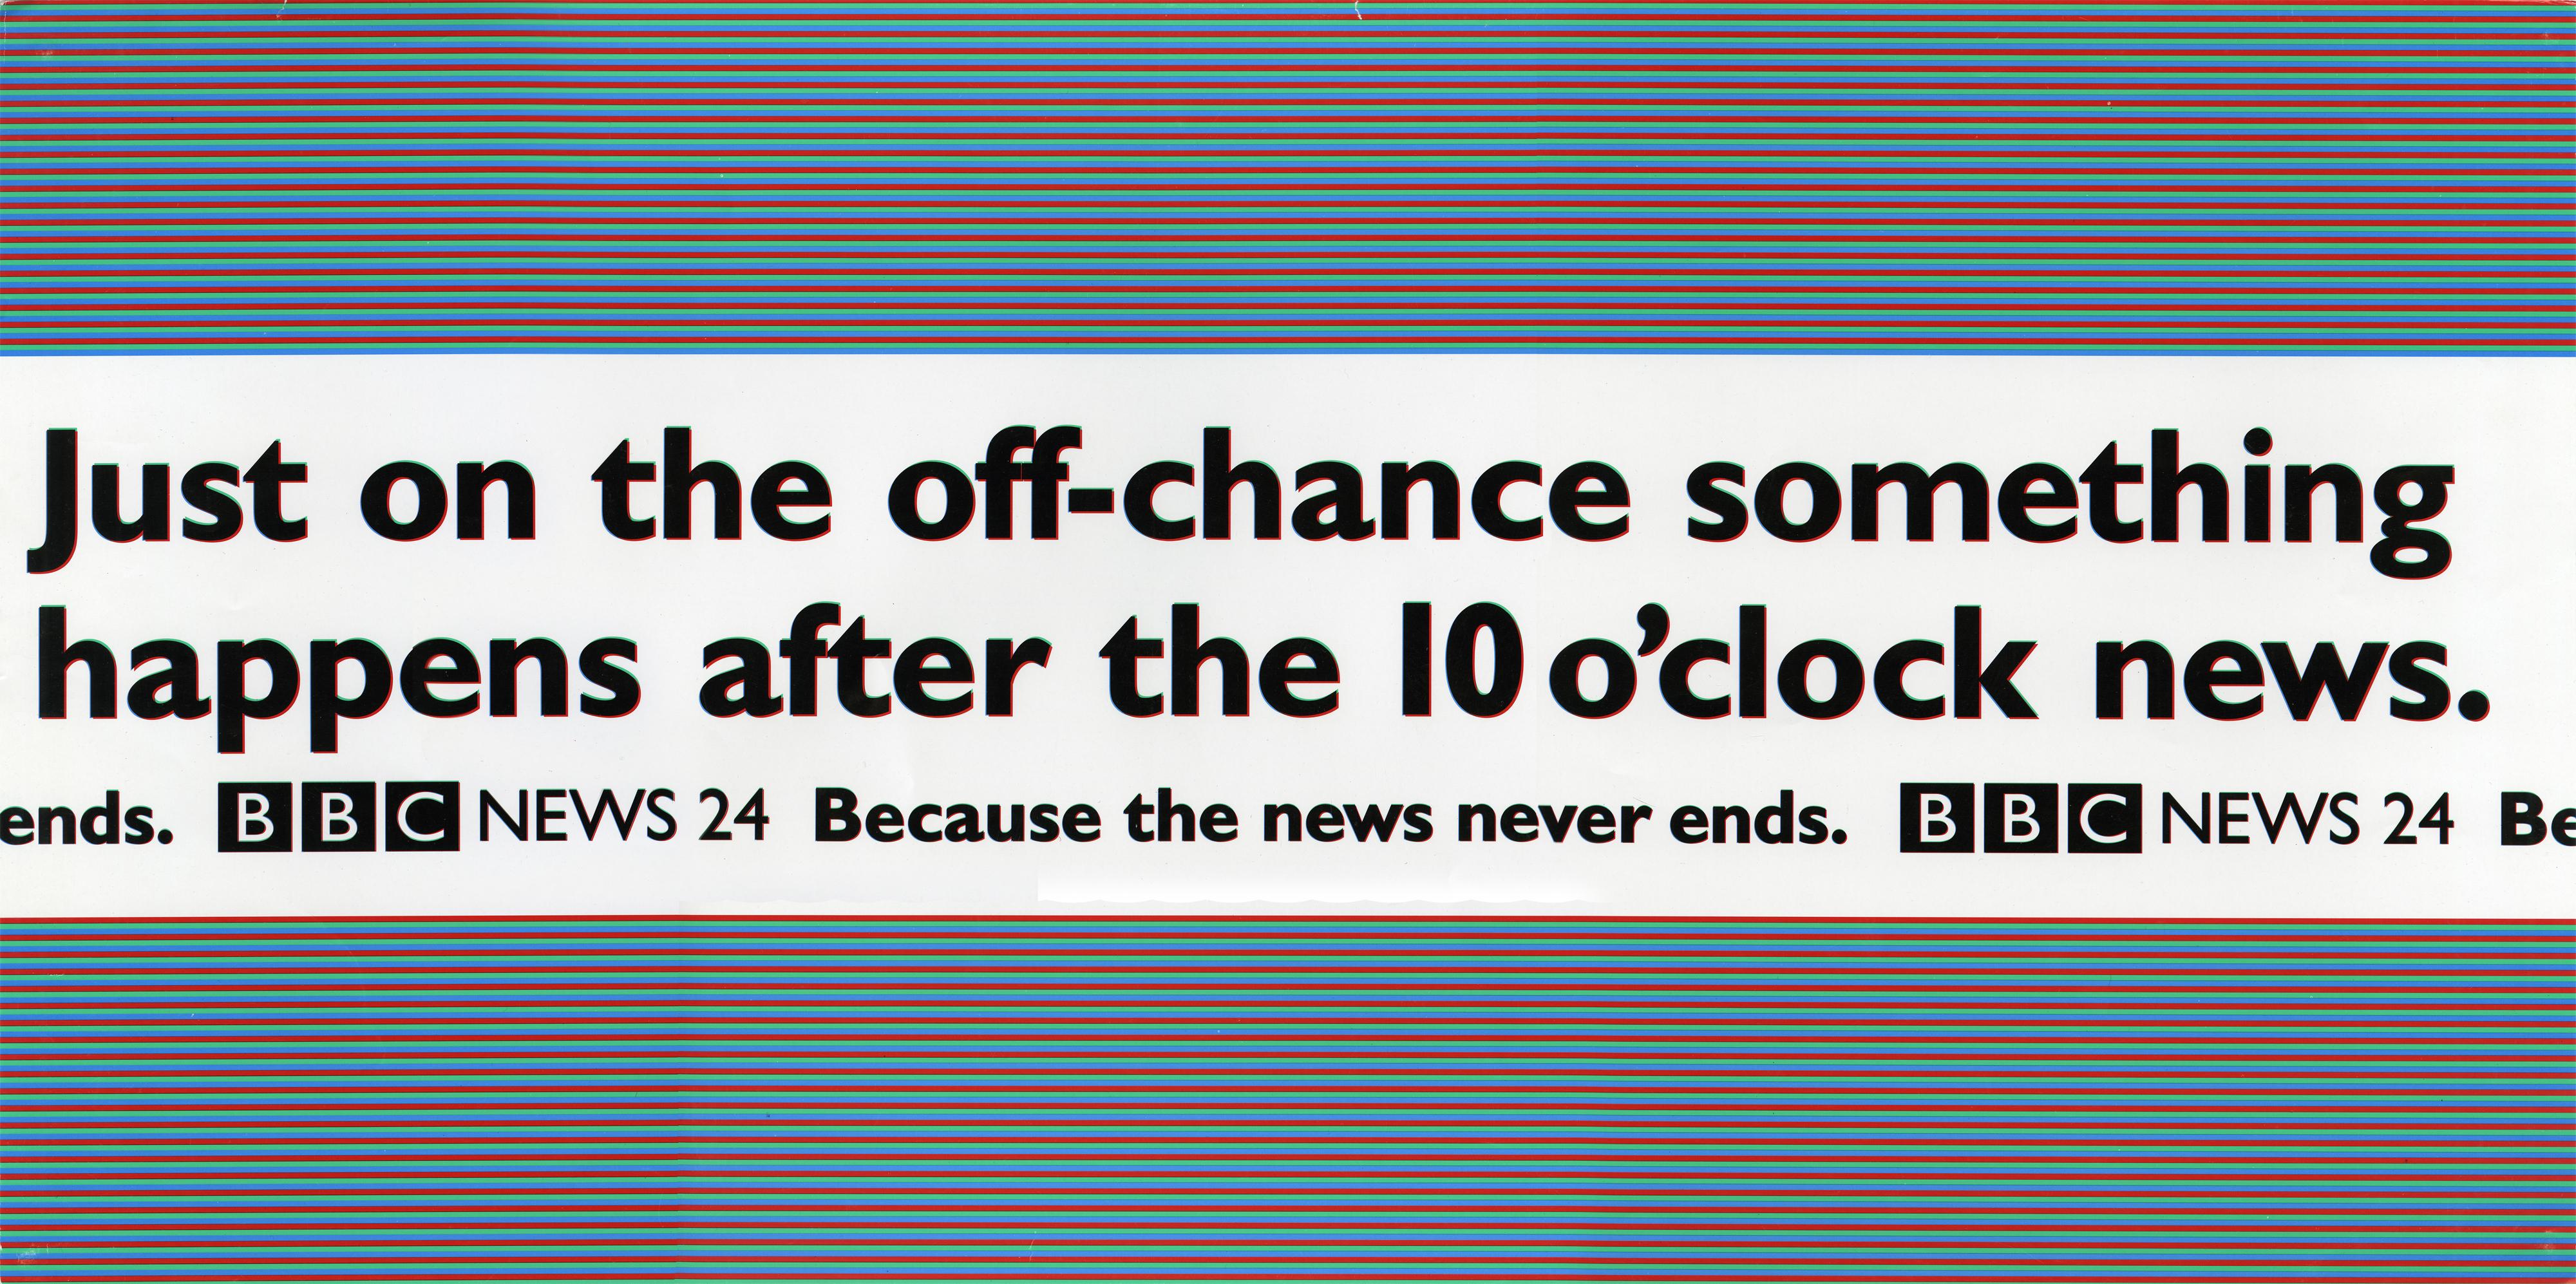 BBC News News 24, 'Just on the offchance'-01.jpg